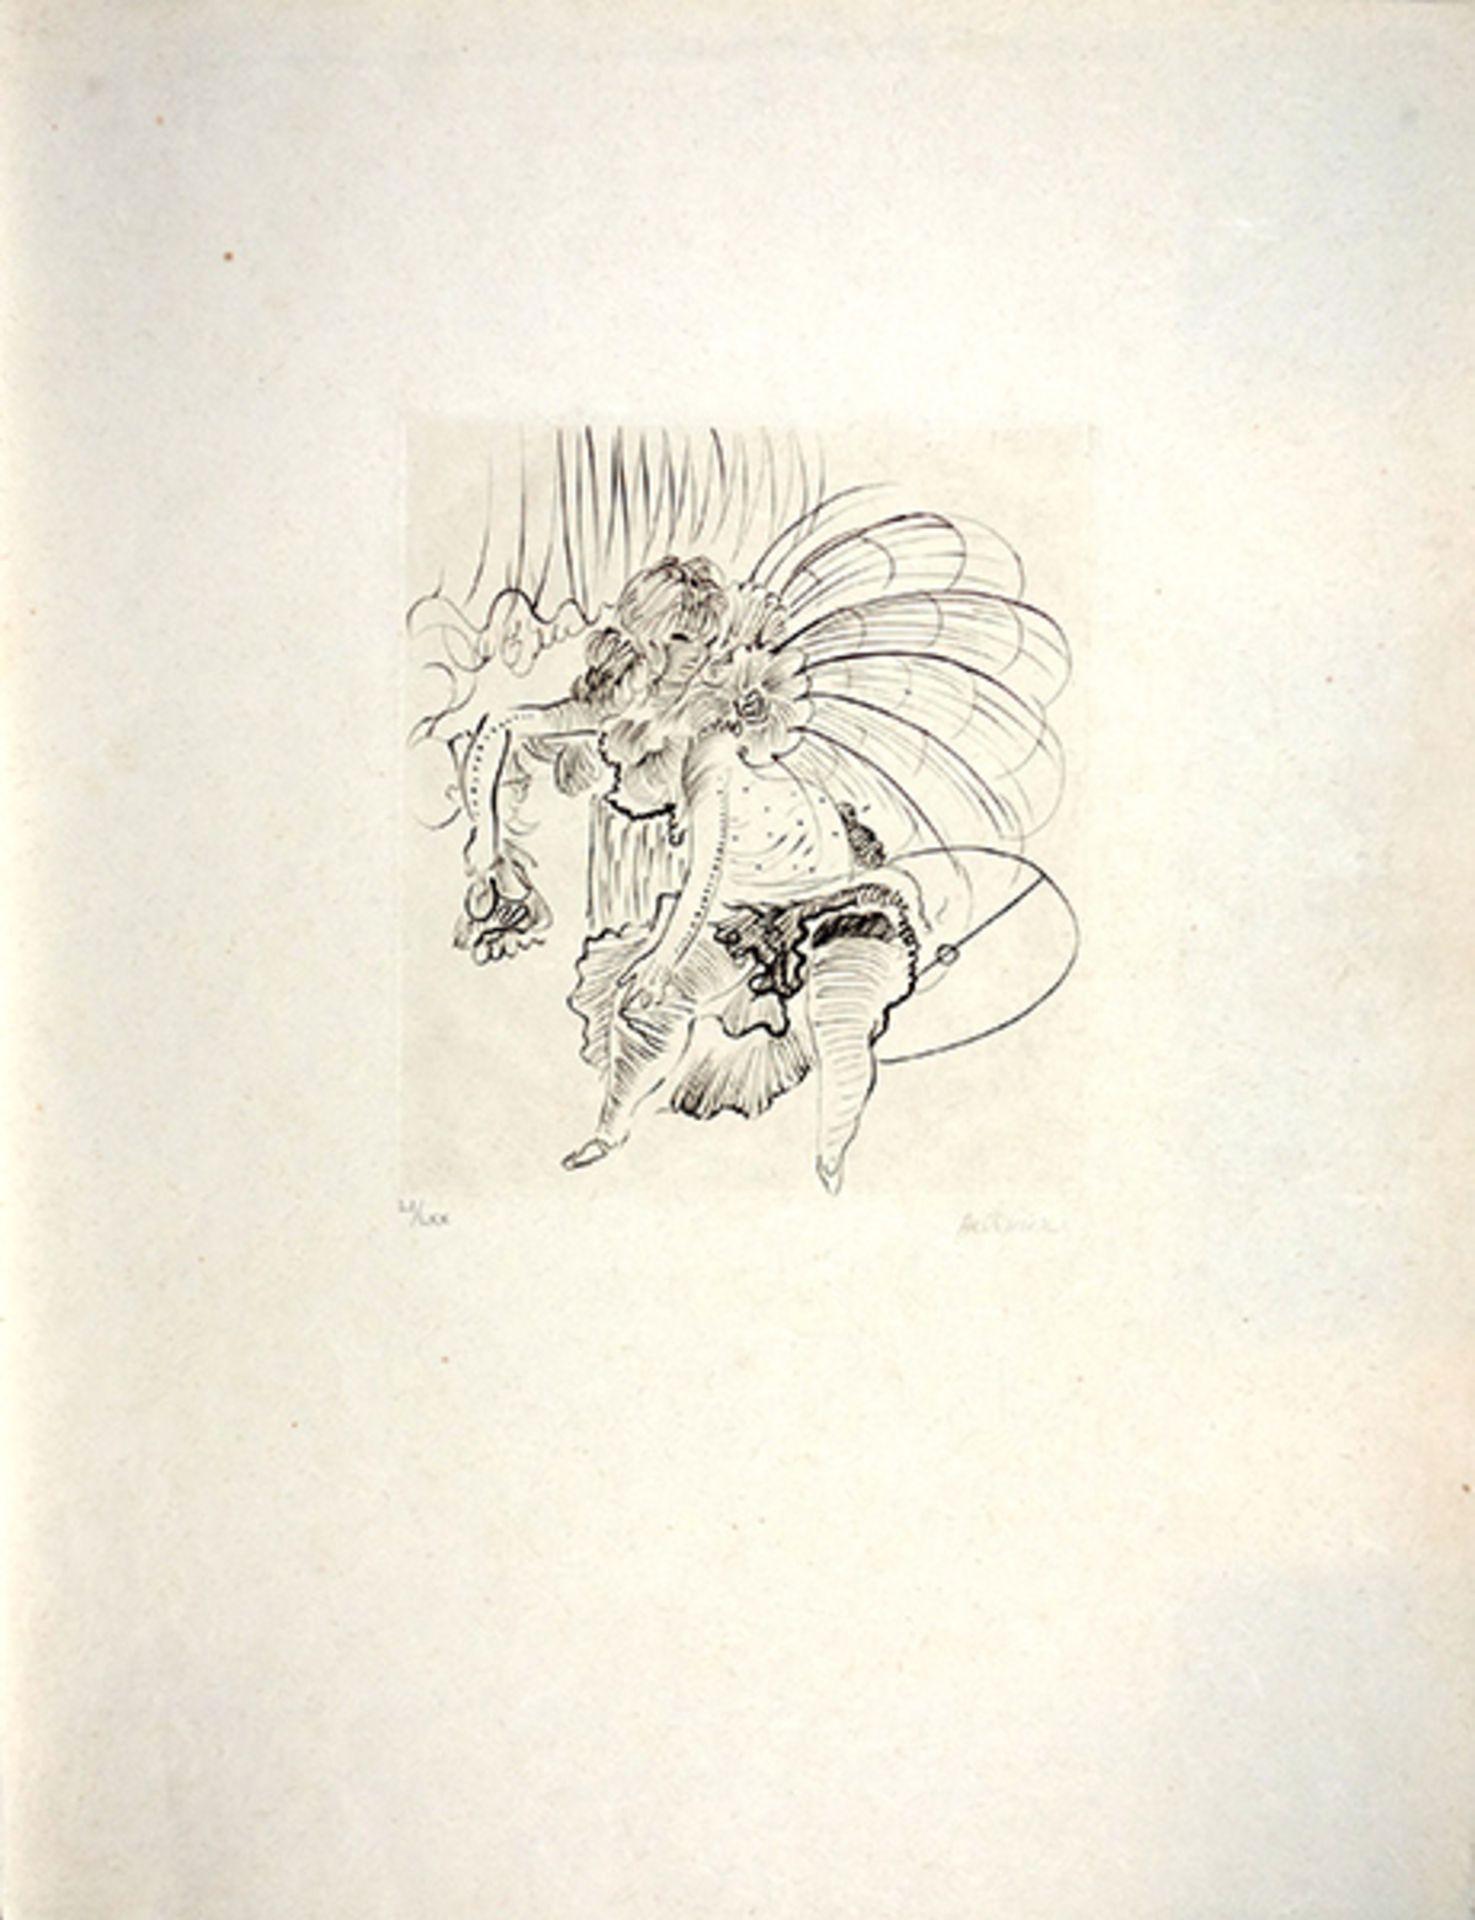 """Los 20 - Bellmer, Hans Radierung auf Japanbütten, 26 x 23 cm Ohne Titel Signiert. Nummeriert """"LI/LXX""""."""